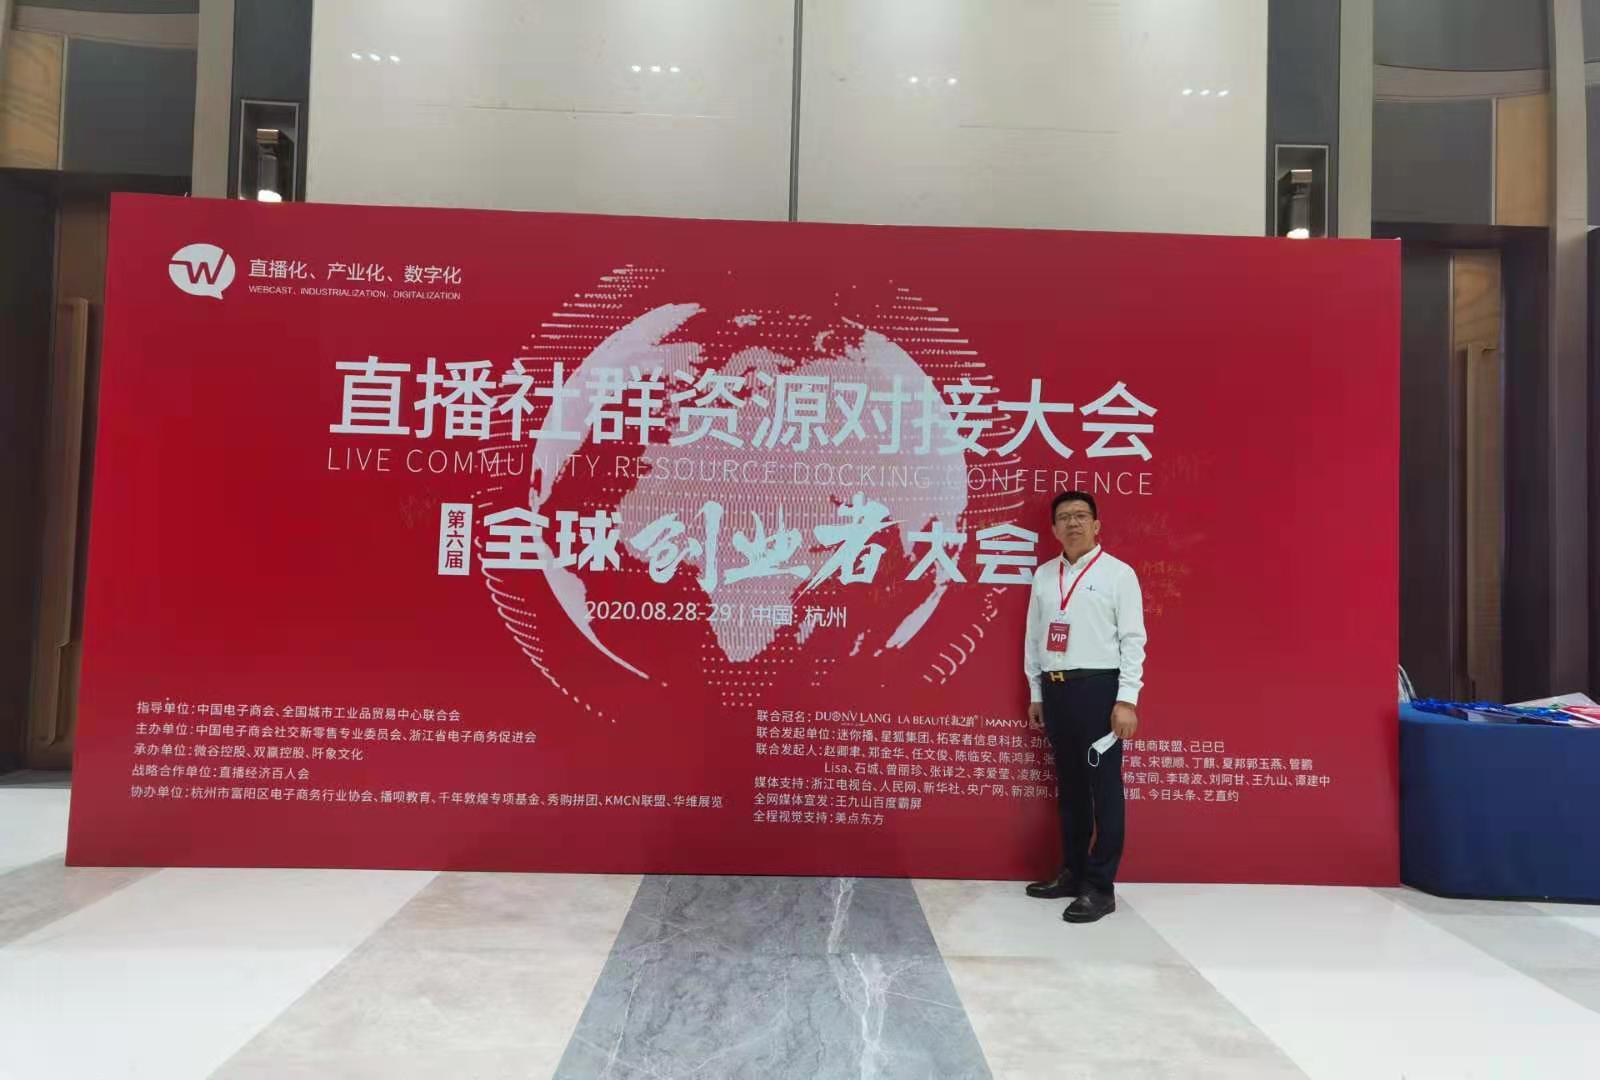 李总应邀参加2020中国缝制机械行业大会暨十届五次理事会,热烈祝贺会议成功举办!